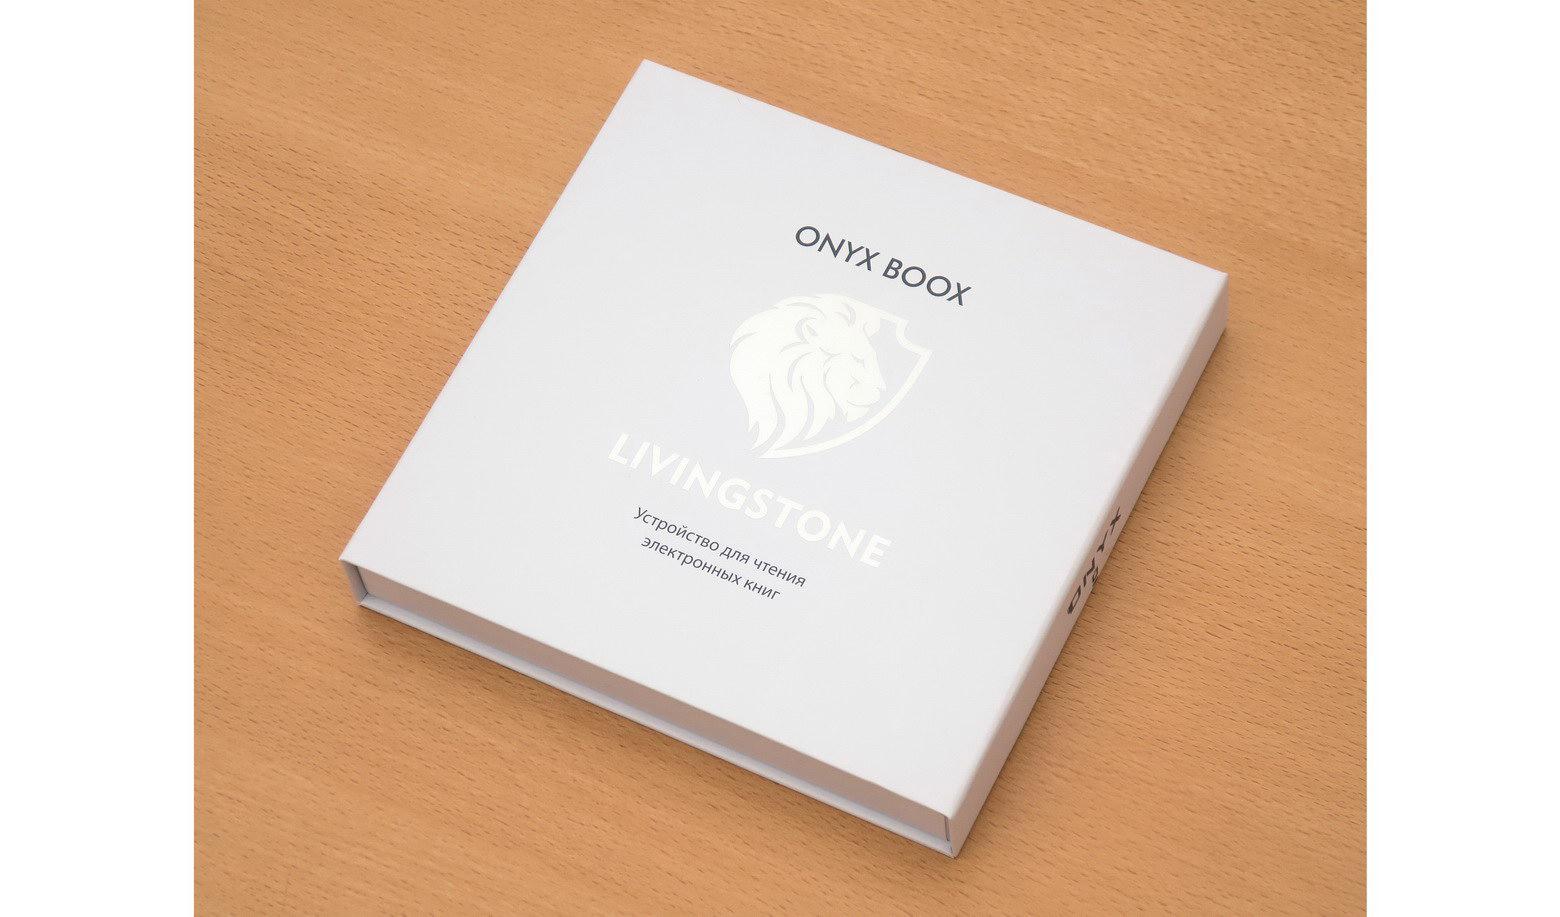 Упаковка ONYX BOOX Livinstone